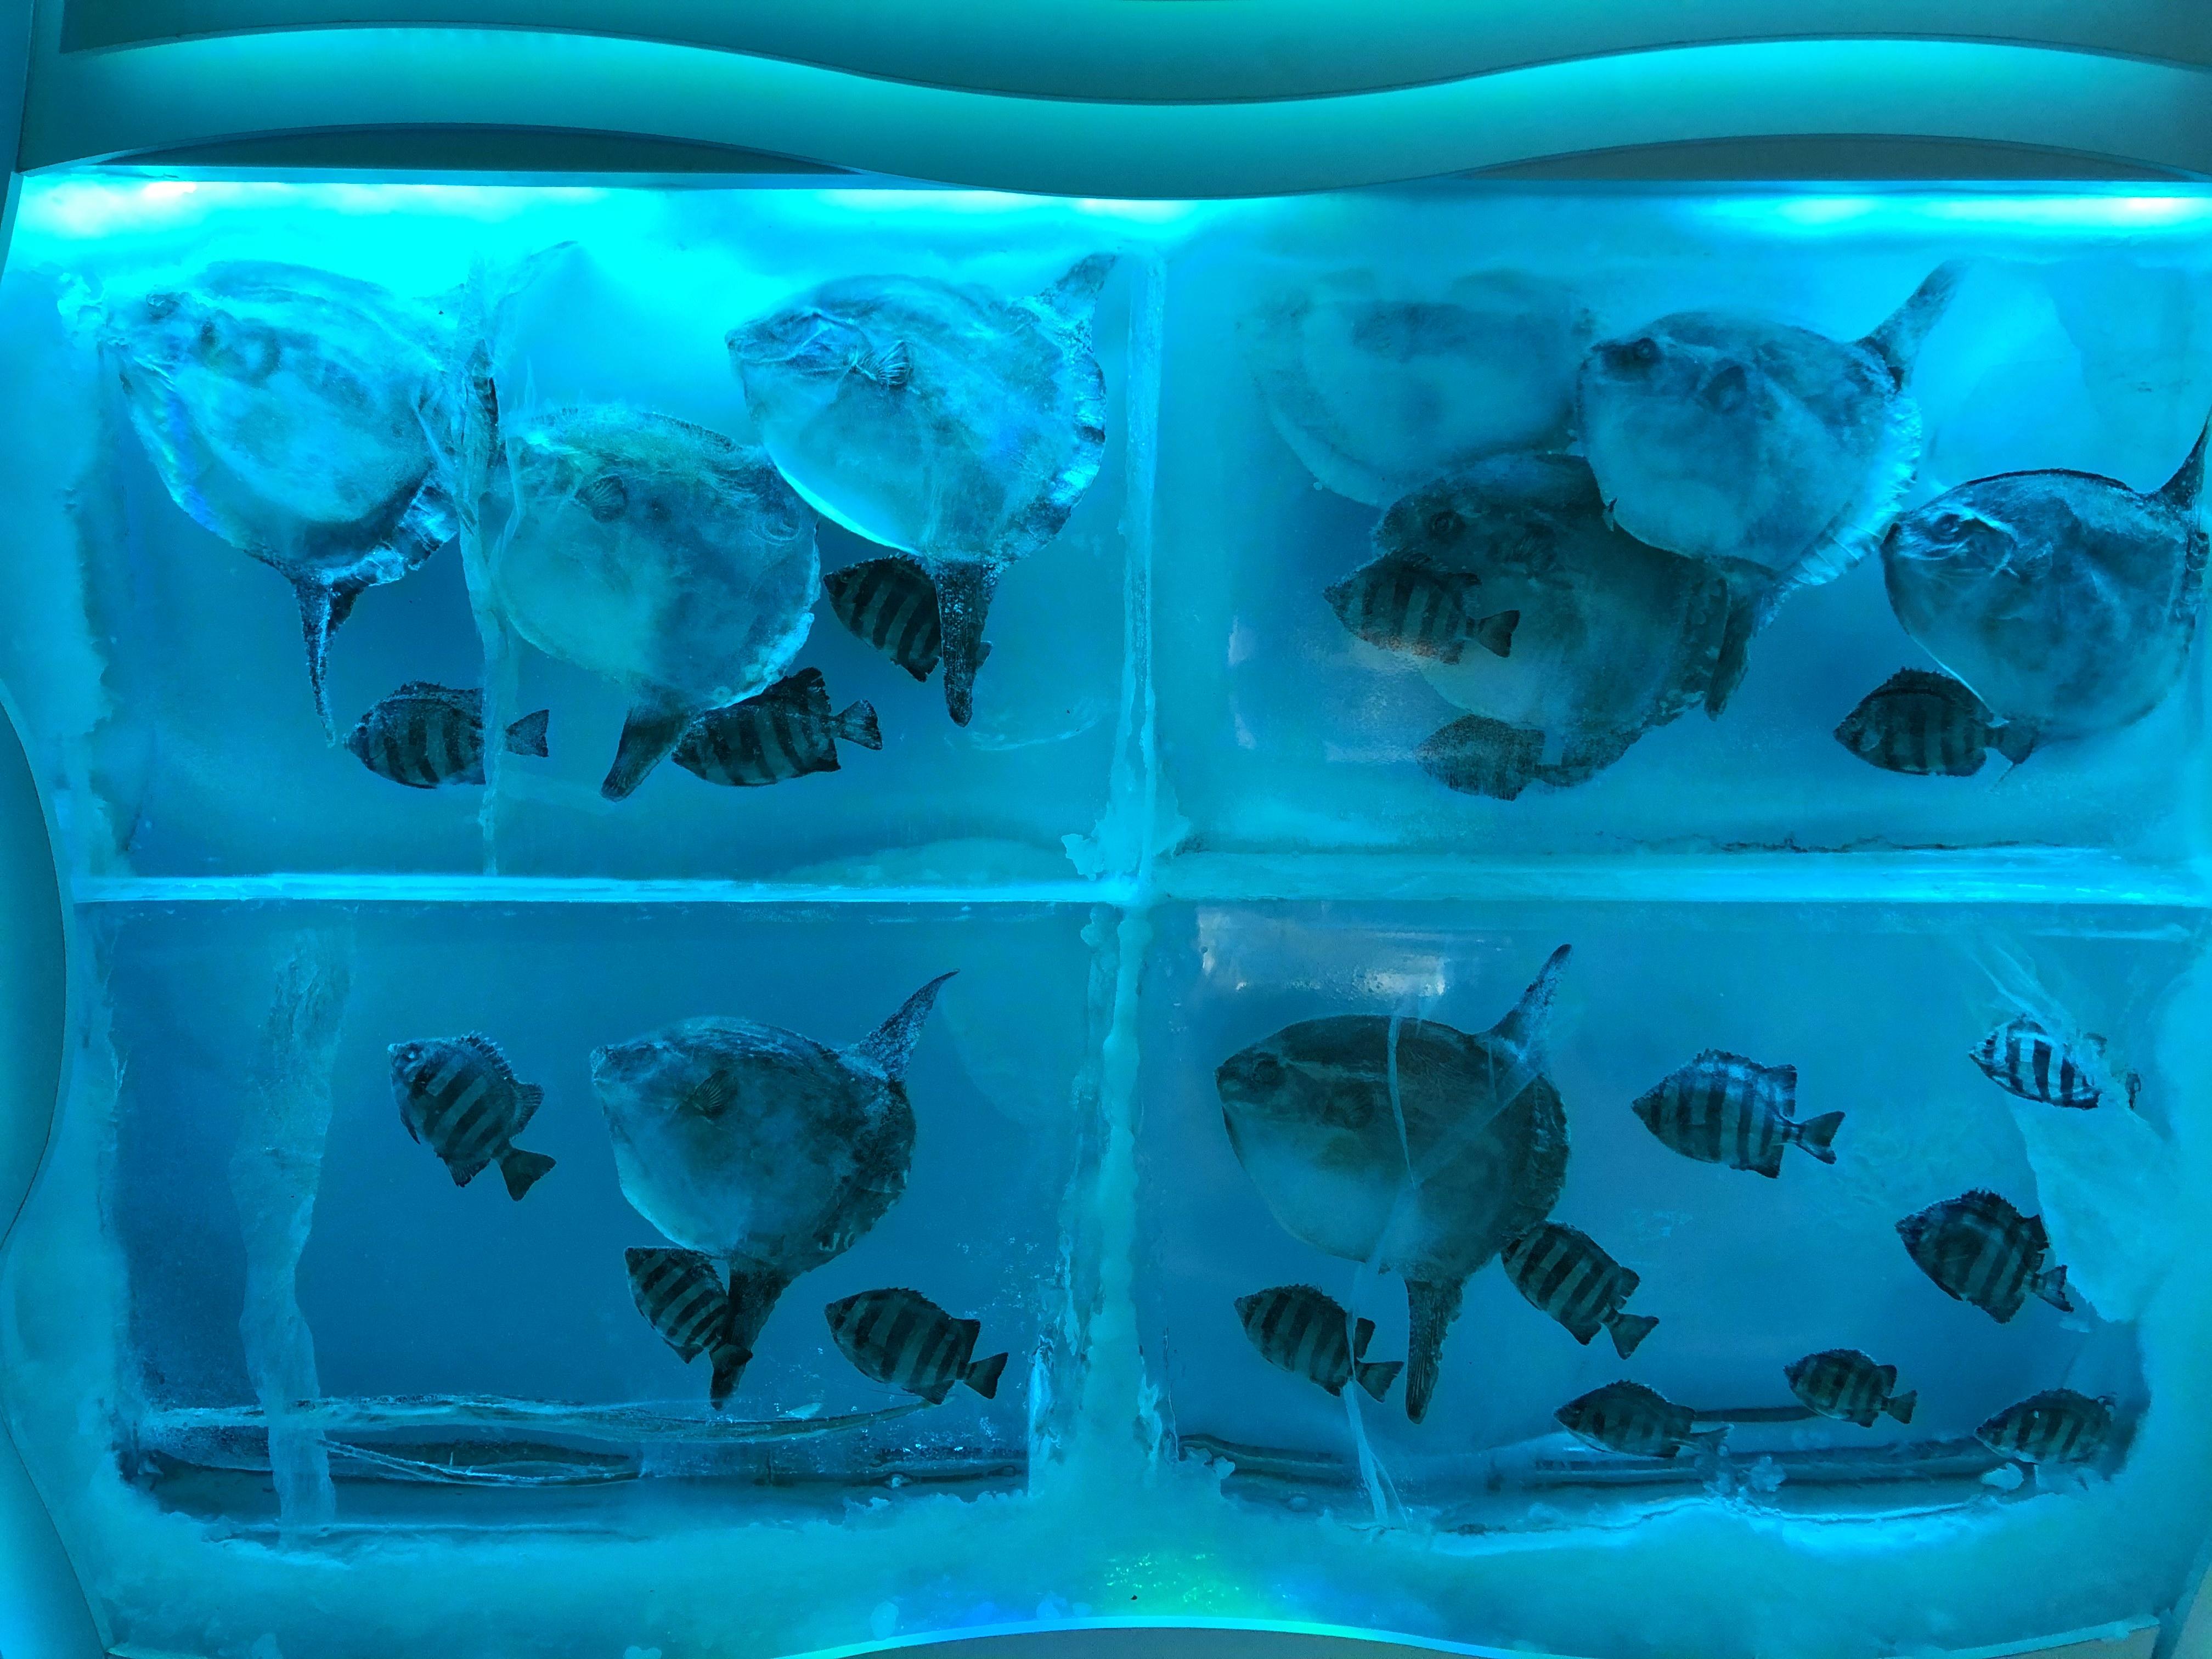 【S-style5月号掲載】気仙沼市『氷の水族館』に行ってきました!